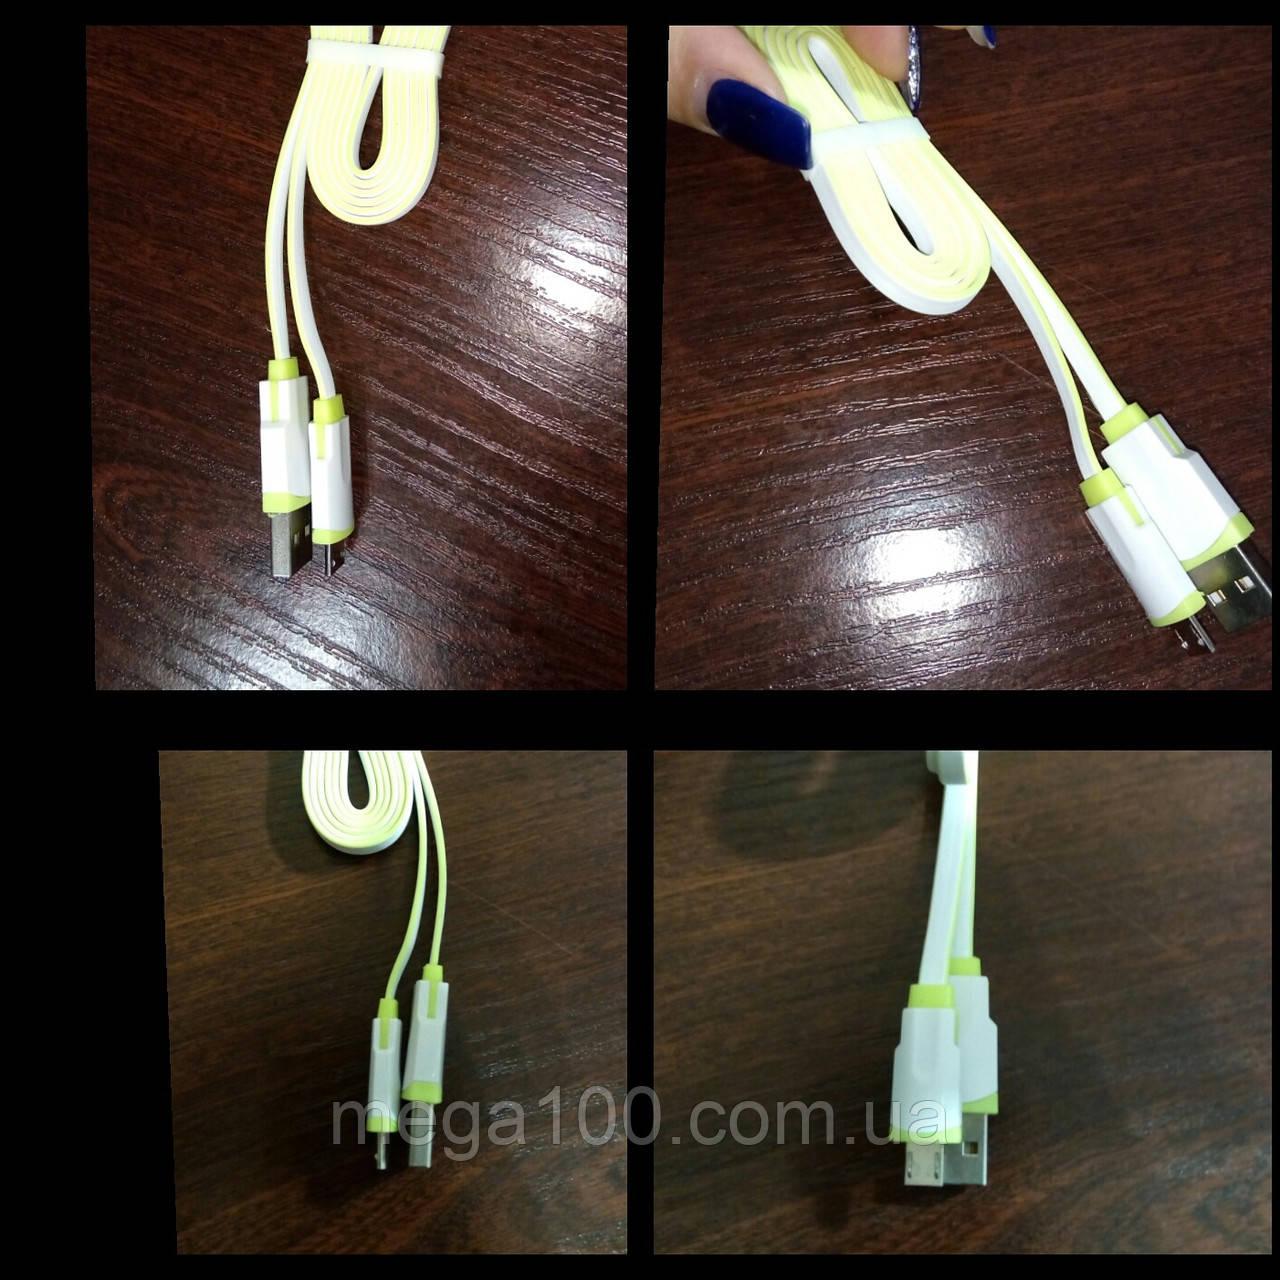 USB шнур, microUSB , метровые, качественные